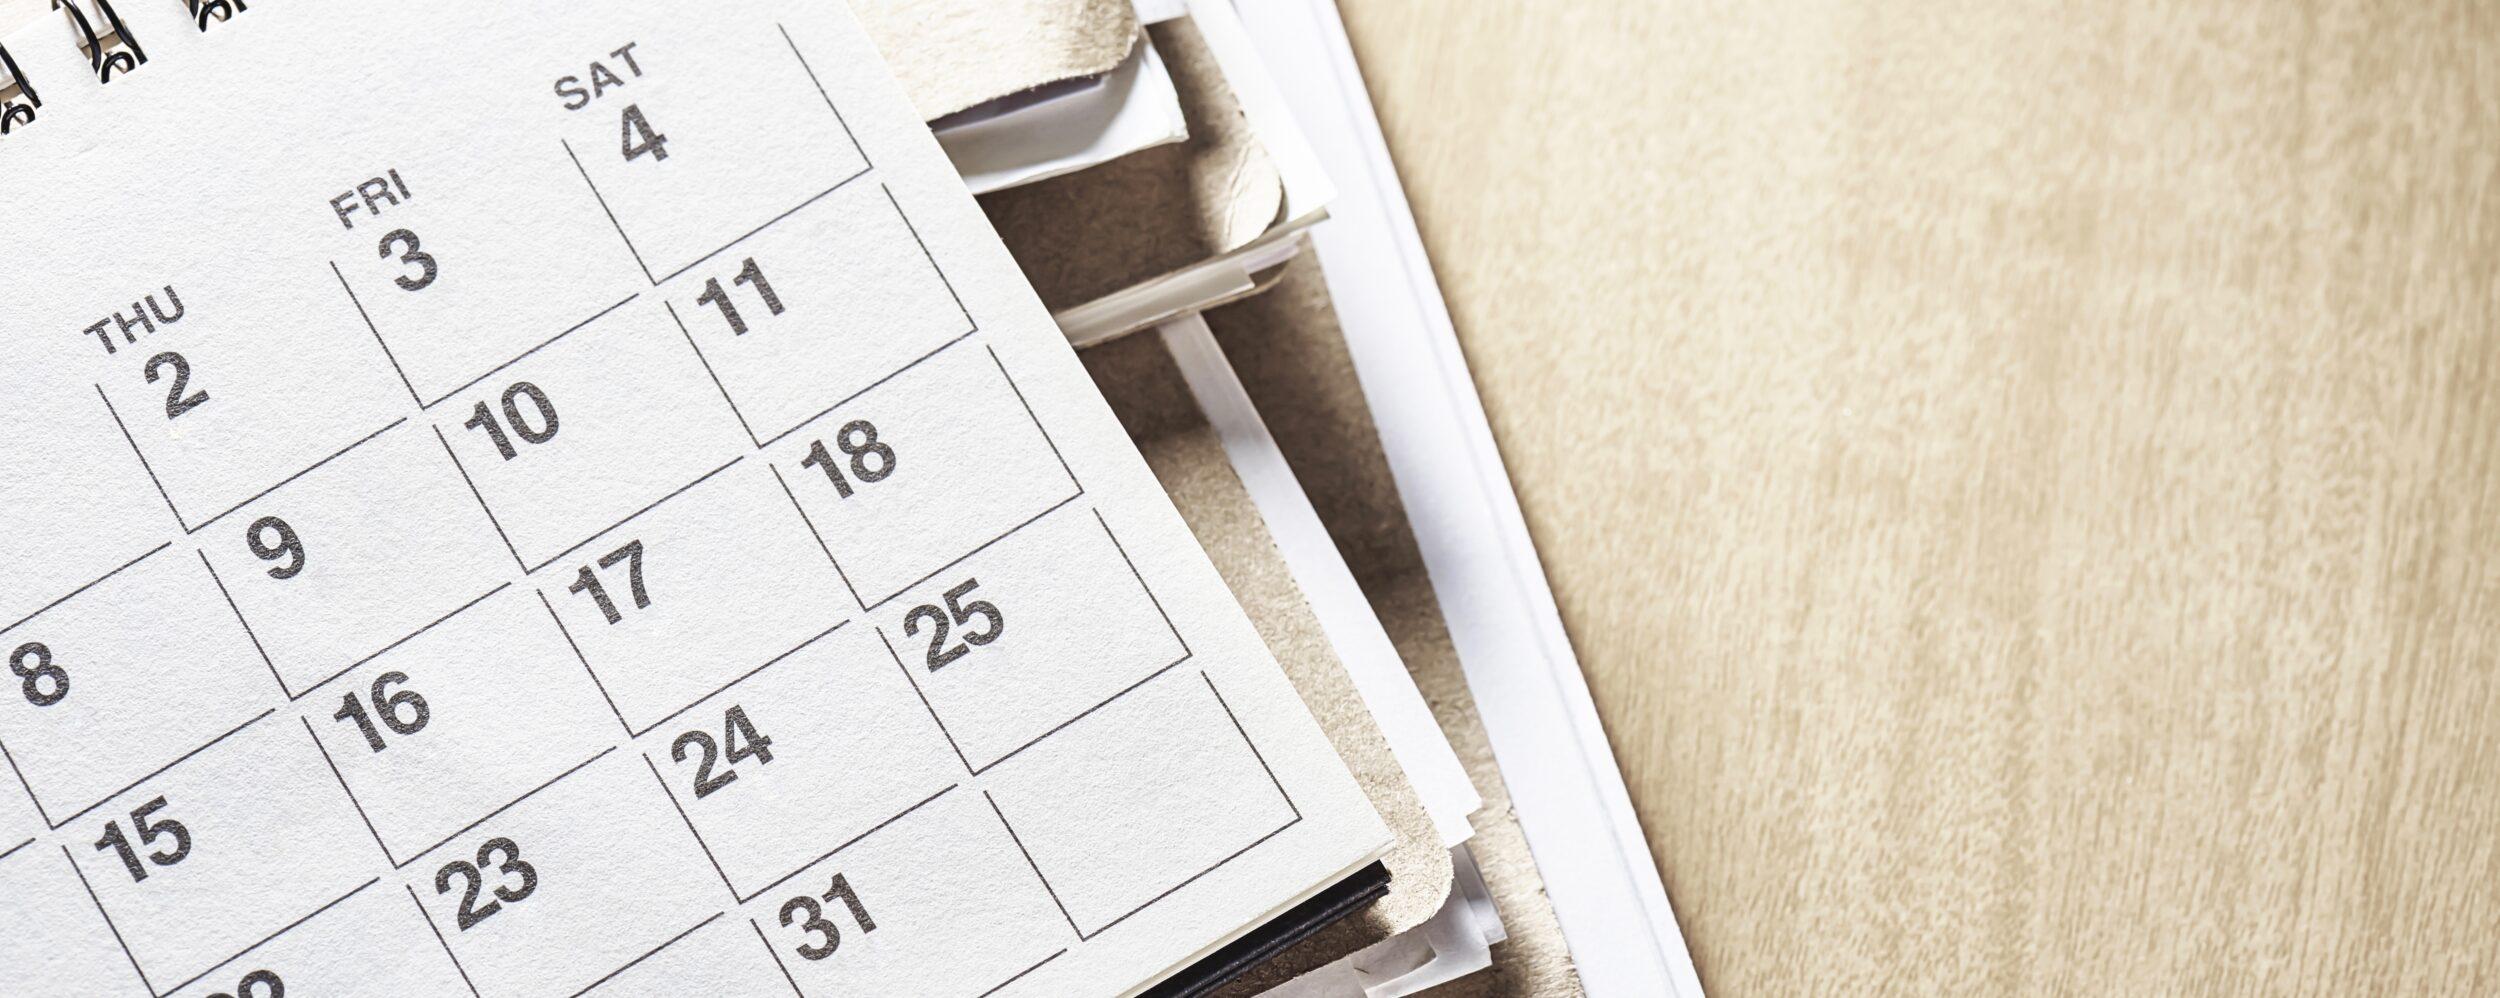 erp implementation calendar